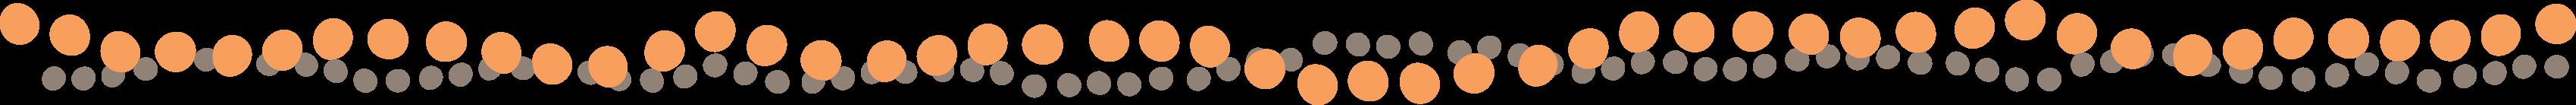 Trachoma Dots Footer